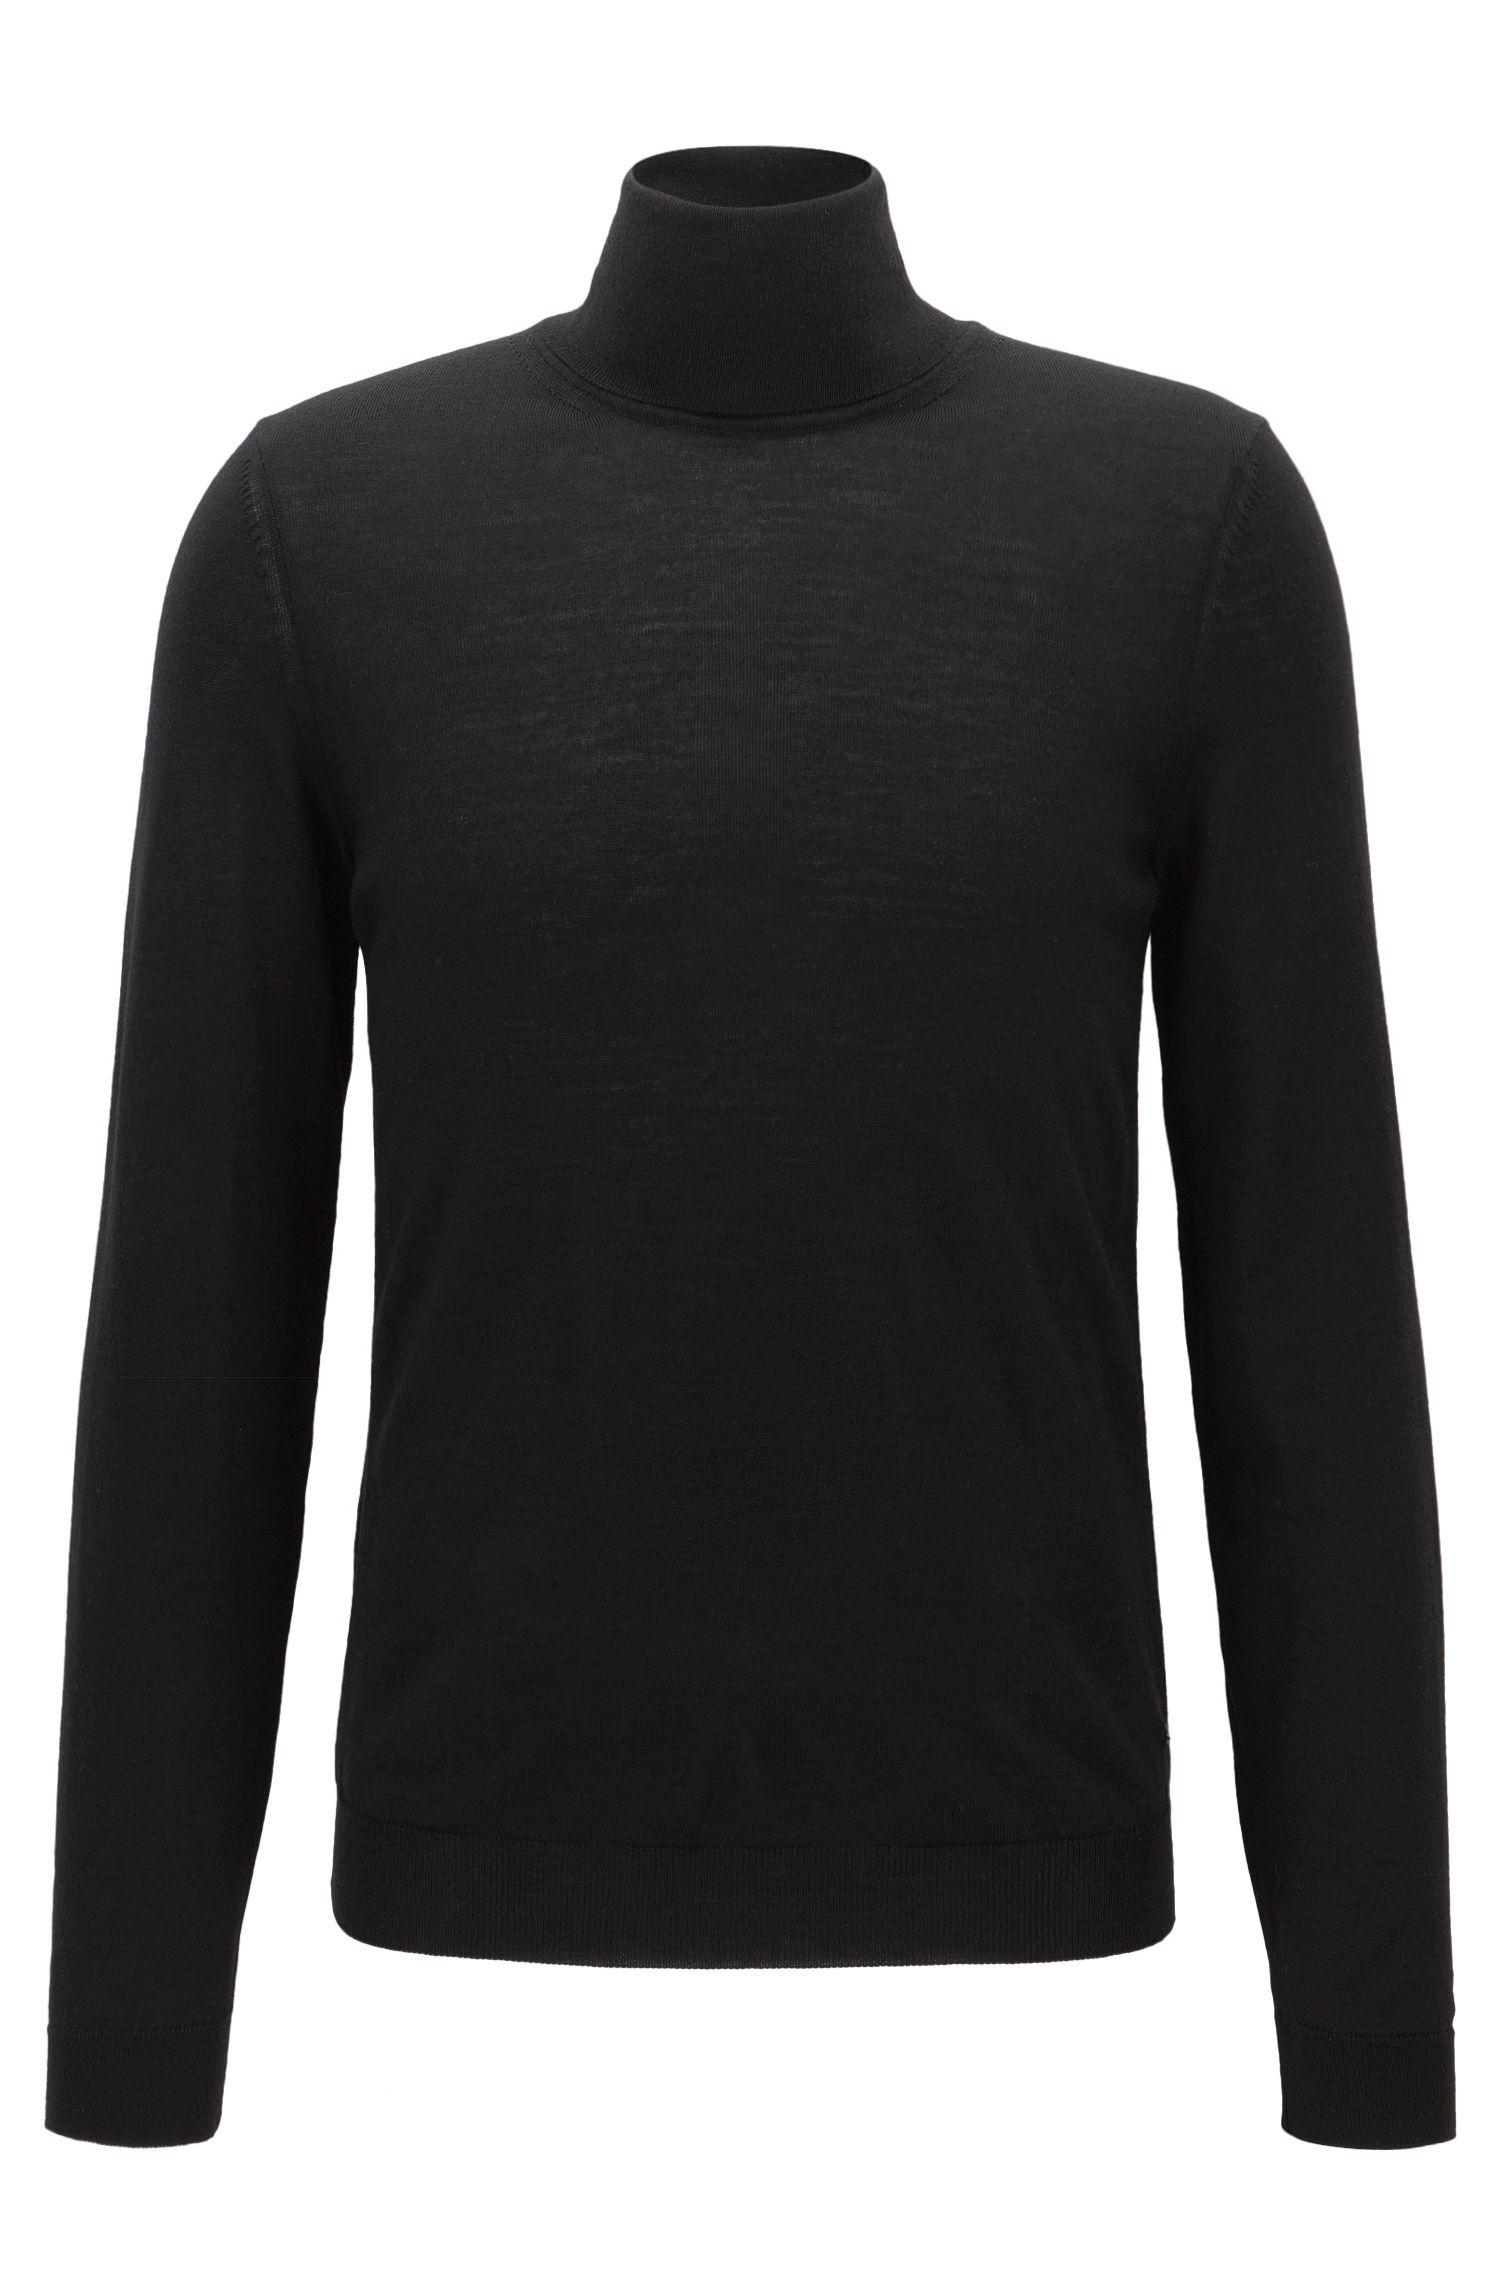 Wool Turtleneck Sweater | Musso N